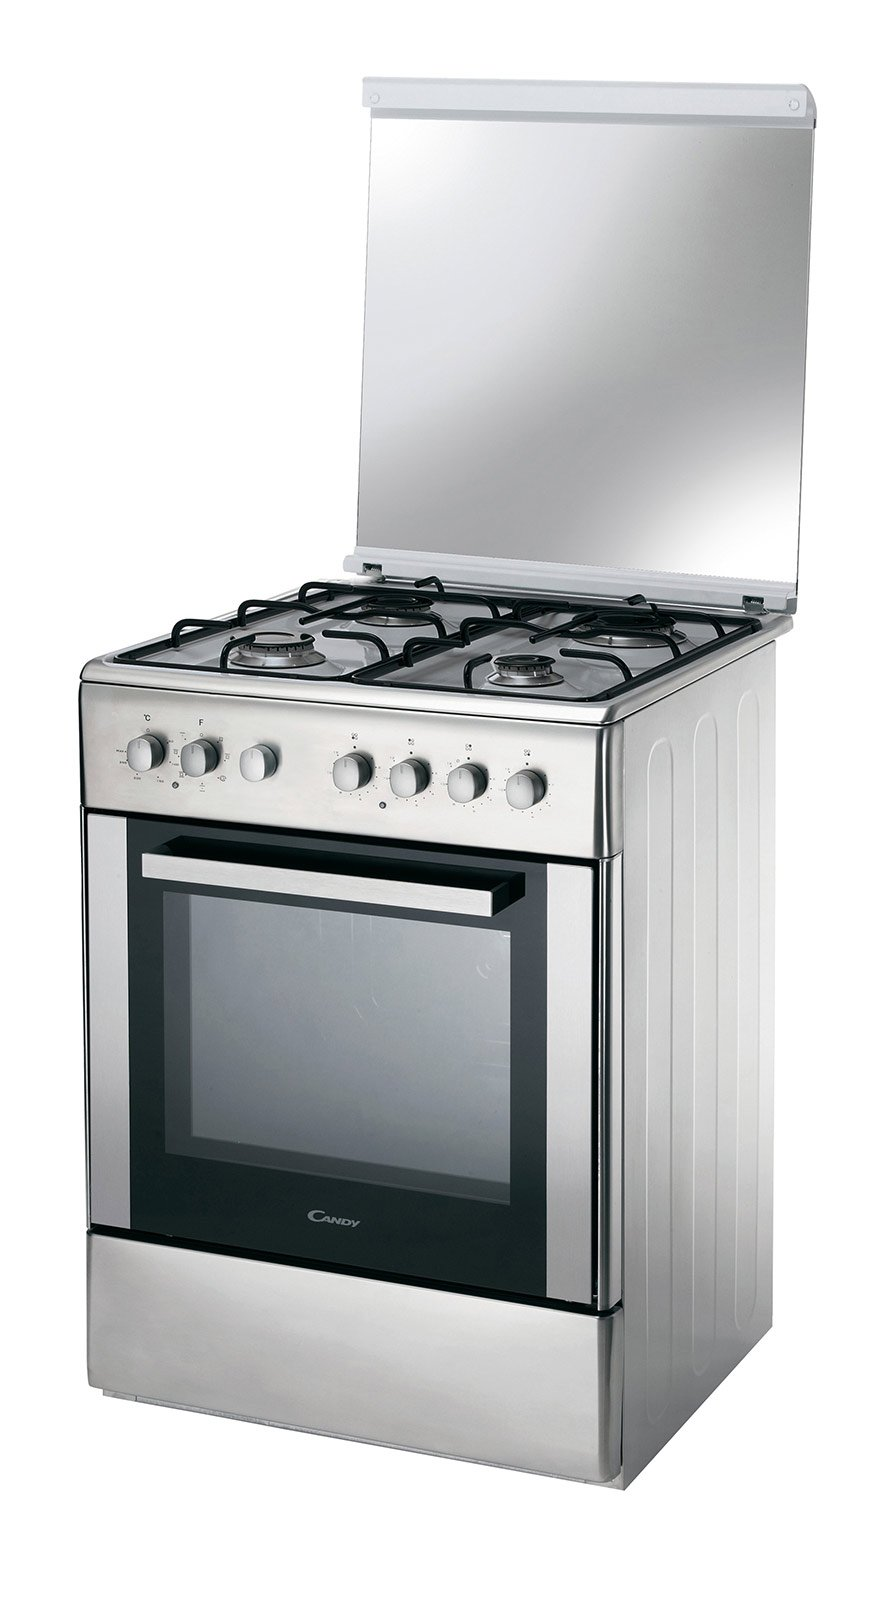 Bombola gas cucina prezzo idee per la casa - Cucina a gas in offerta ...